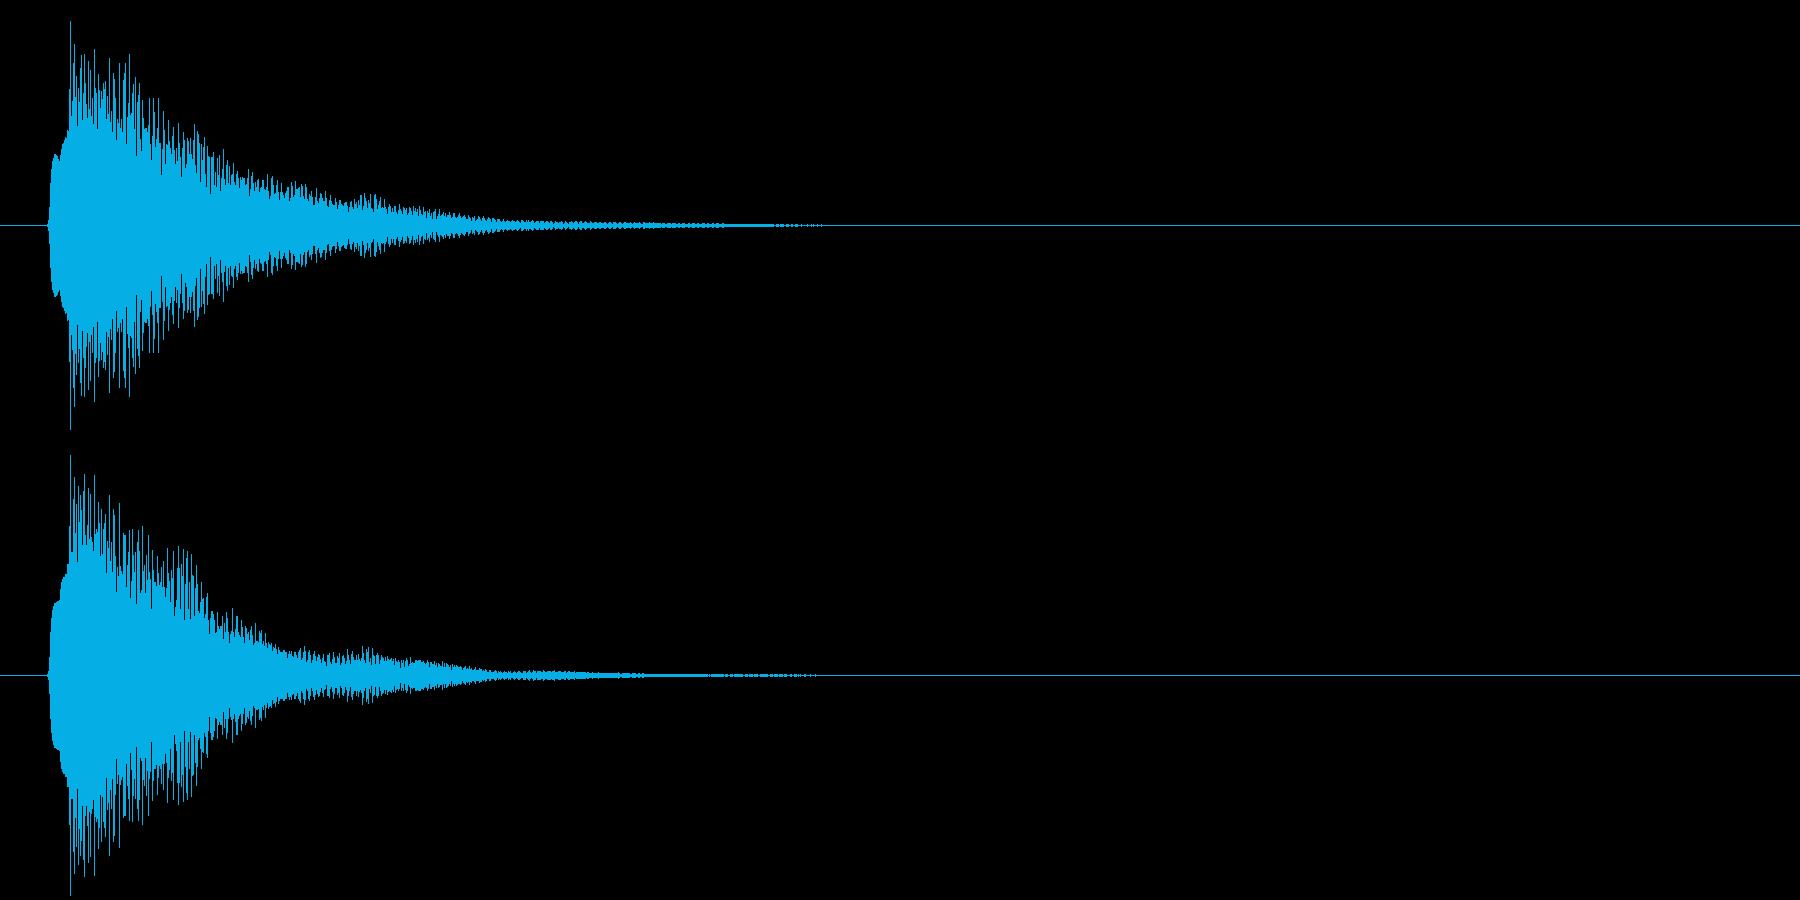 アプリ・ゲームの決定音_015の再生済みの波形